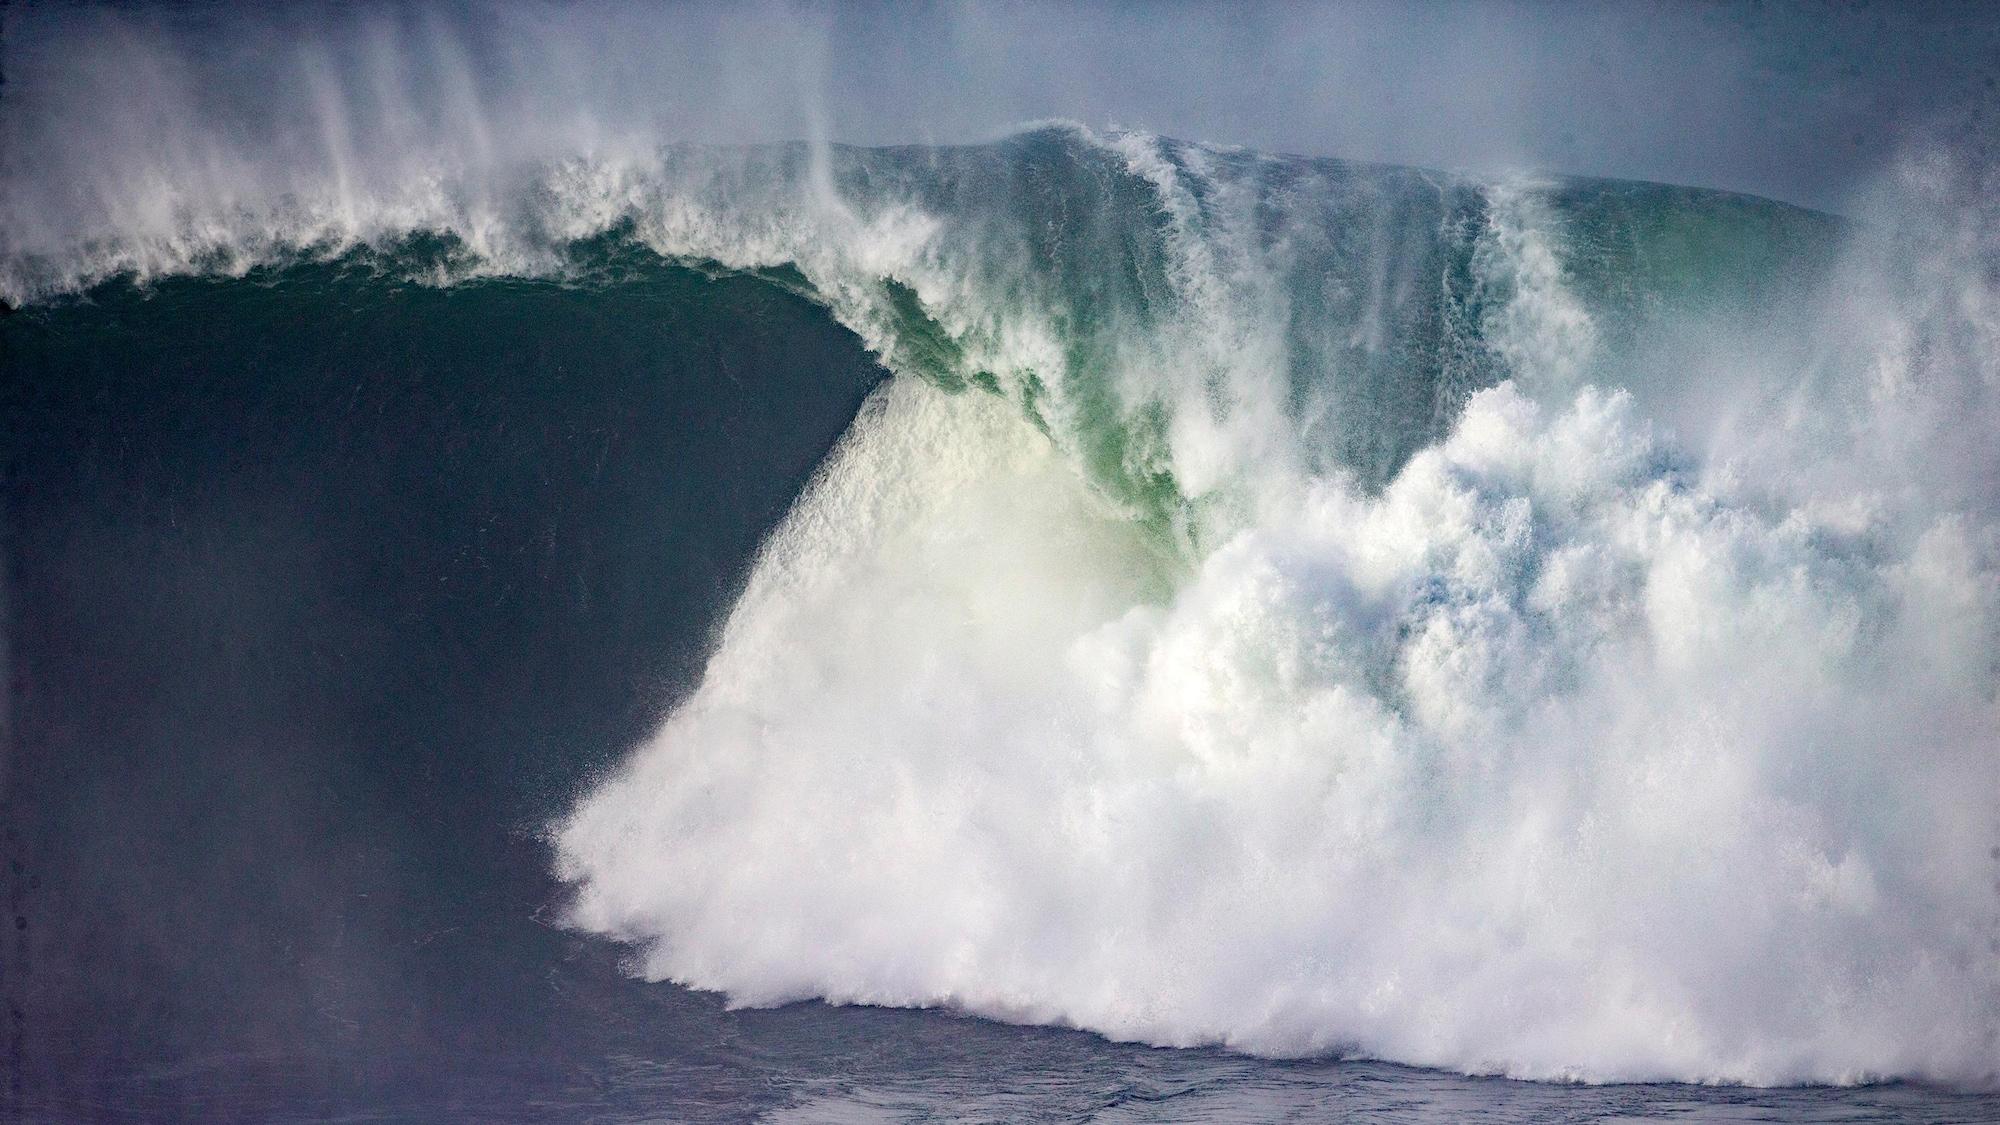 Une vague casse au large de Nazaré, au Portugal, en février 2020.